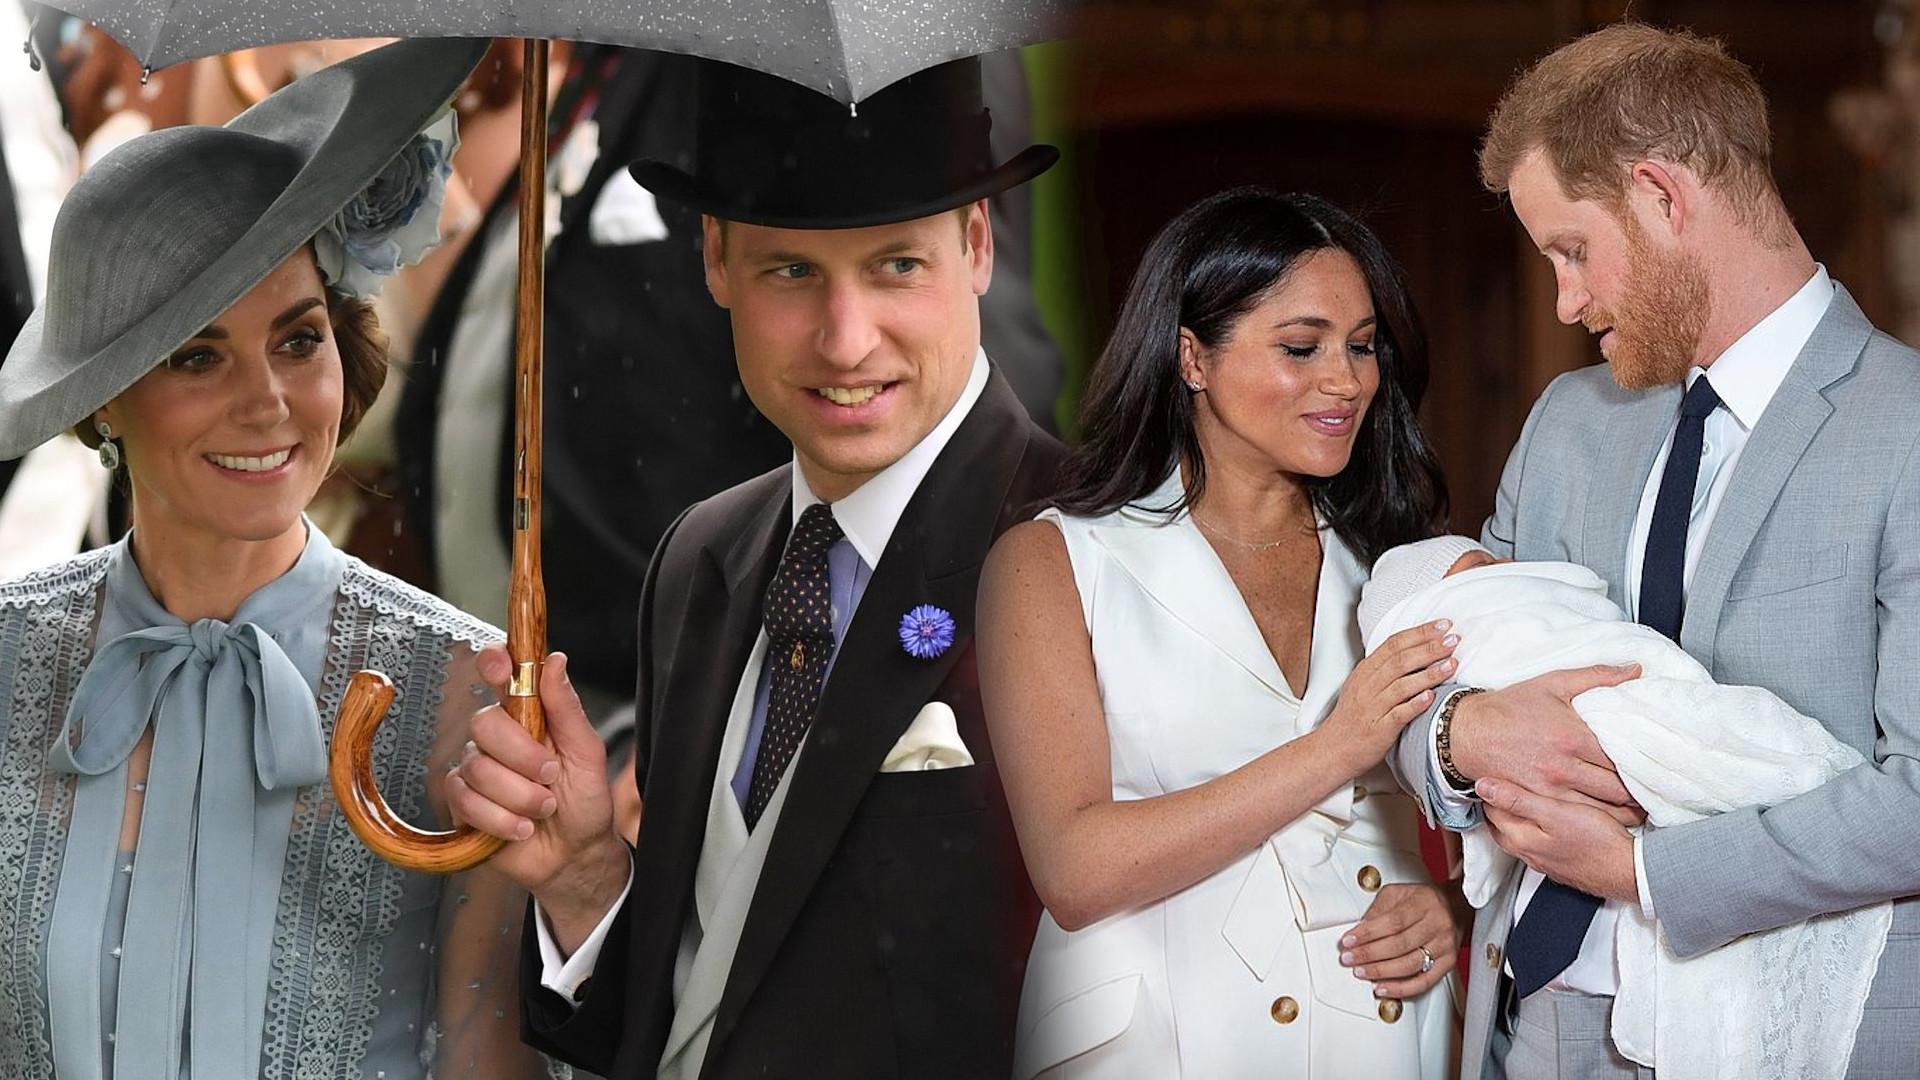 Kate i William opóźniają swoje wakacje, żeby nie spotkać Meghan i Harry'ego – obrazili się za TE słowa o dzieciach